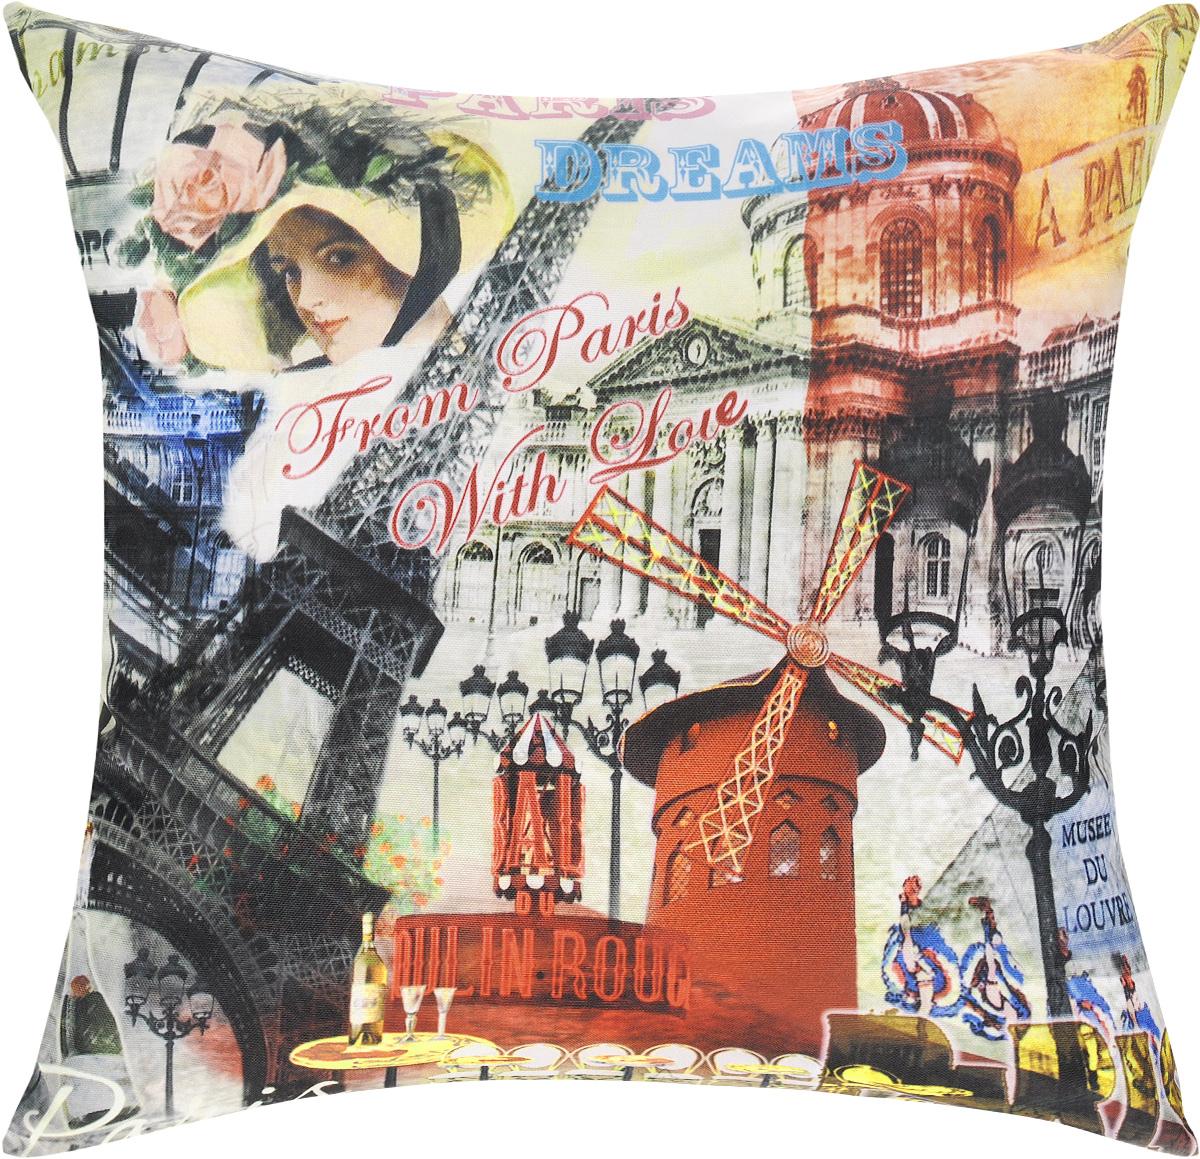 Подушка декоративная GiftnHome Парижские фантазии, 40 х 40 cмPLW-OXF-40 PDreamДекоративная подушка GiftnHome Парижские фантазии - это яркое украшение вашего дома. Чехол выполнен из ткани Оксфорд и украшен красочным изображением. Внутренний наполнитель подушки - холлофайбер. Чехол застегивается на молнию. Красивая подушка создаст в доме уют и станет прекрасным элементом декора.